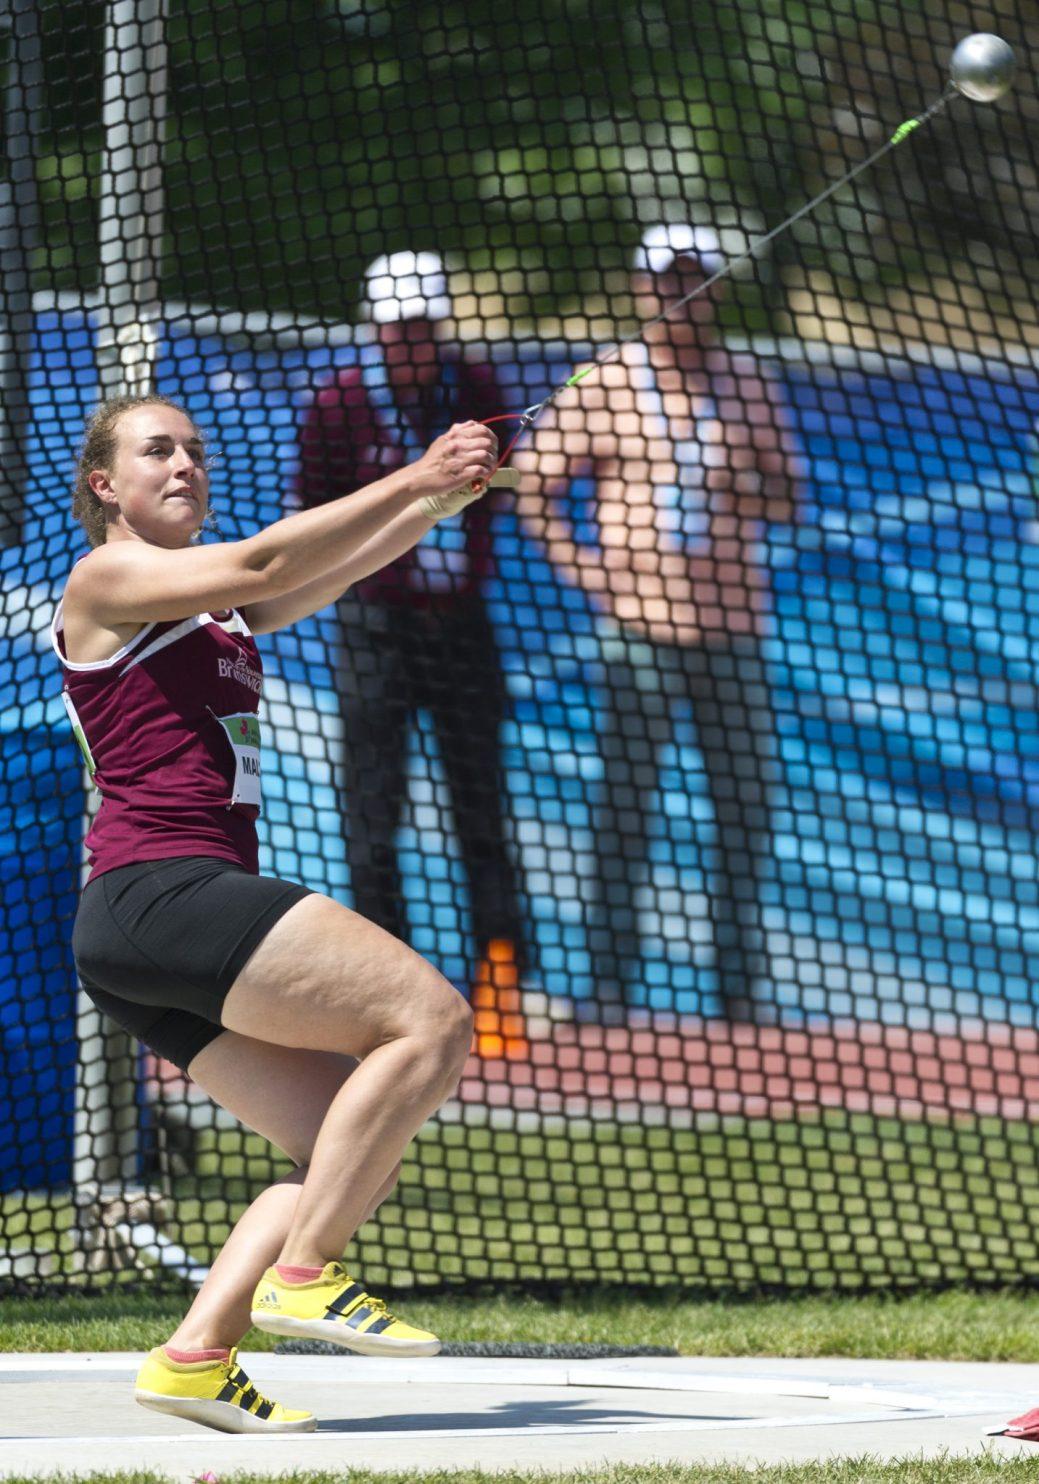 Naomie Maltais a terminé au 10e rang en finale féminine du lancer du marteau à Ottawa, avec un tir de 50,74m. - Archives